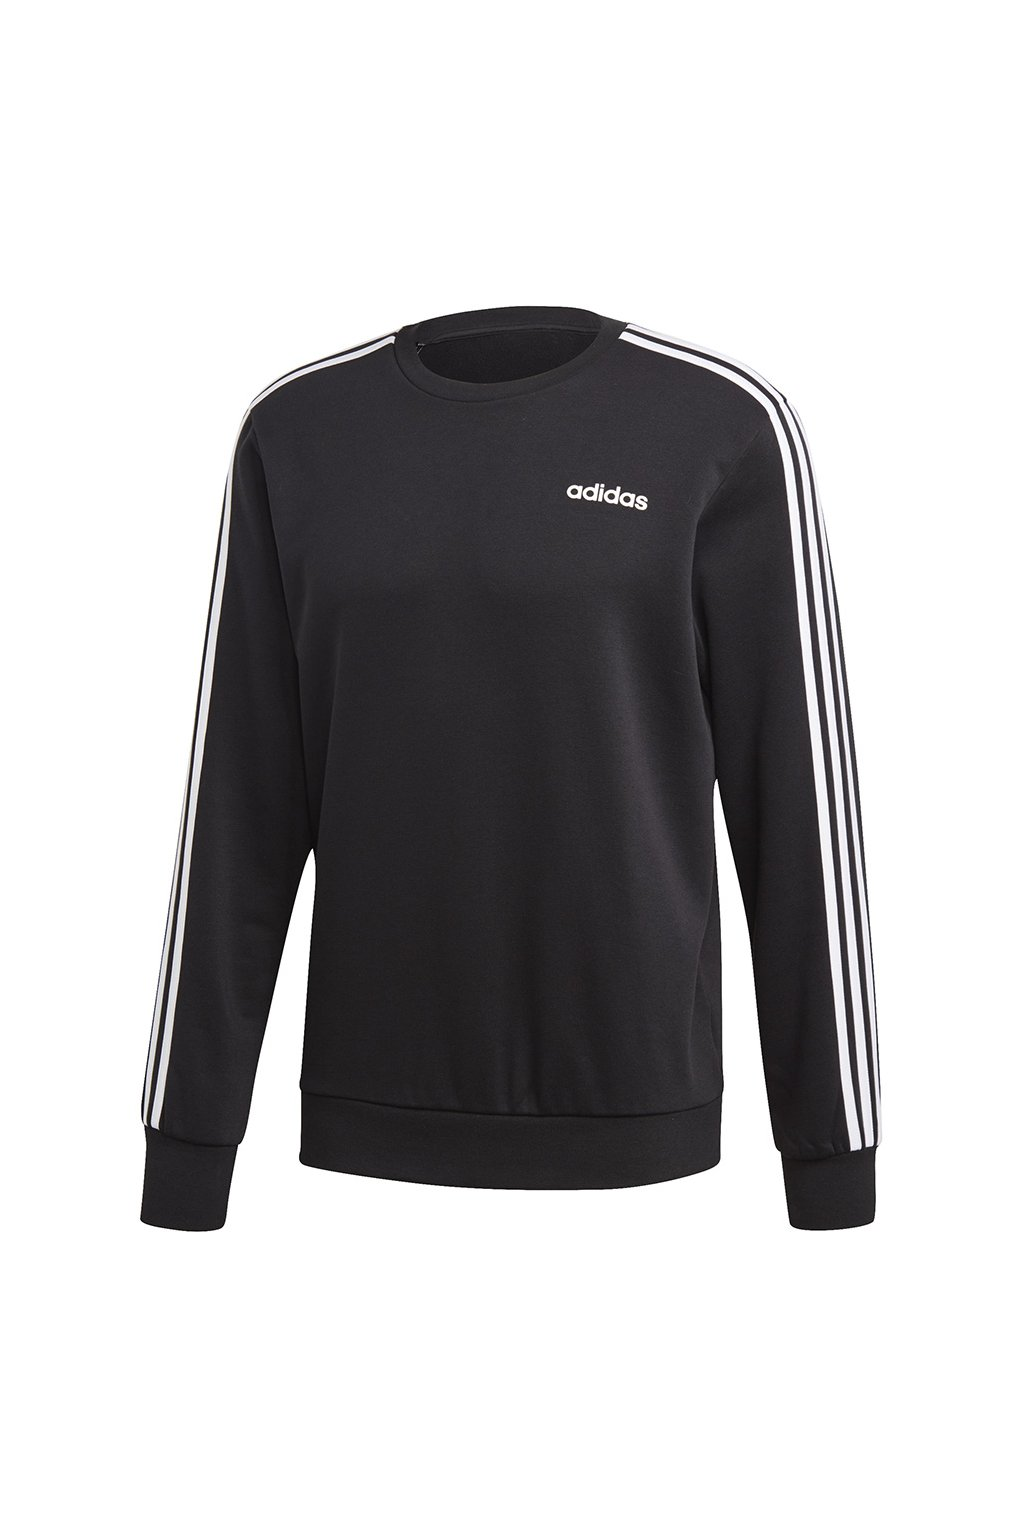 Pánska mikina Adidas Essentials 3 Stripes Crew FT / čierna DQ3083